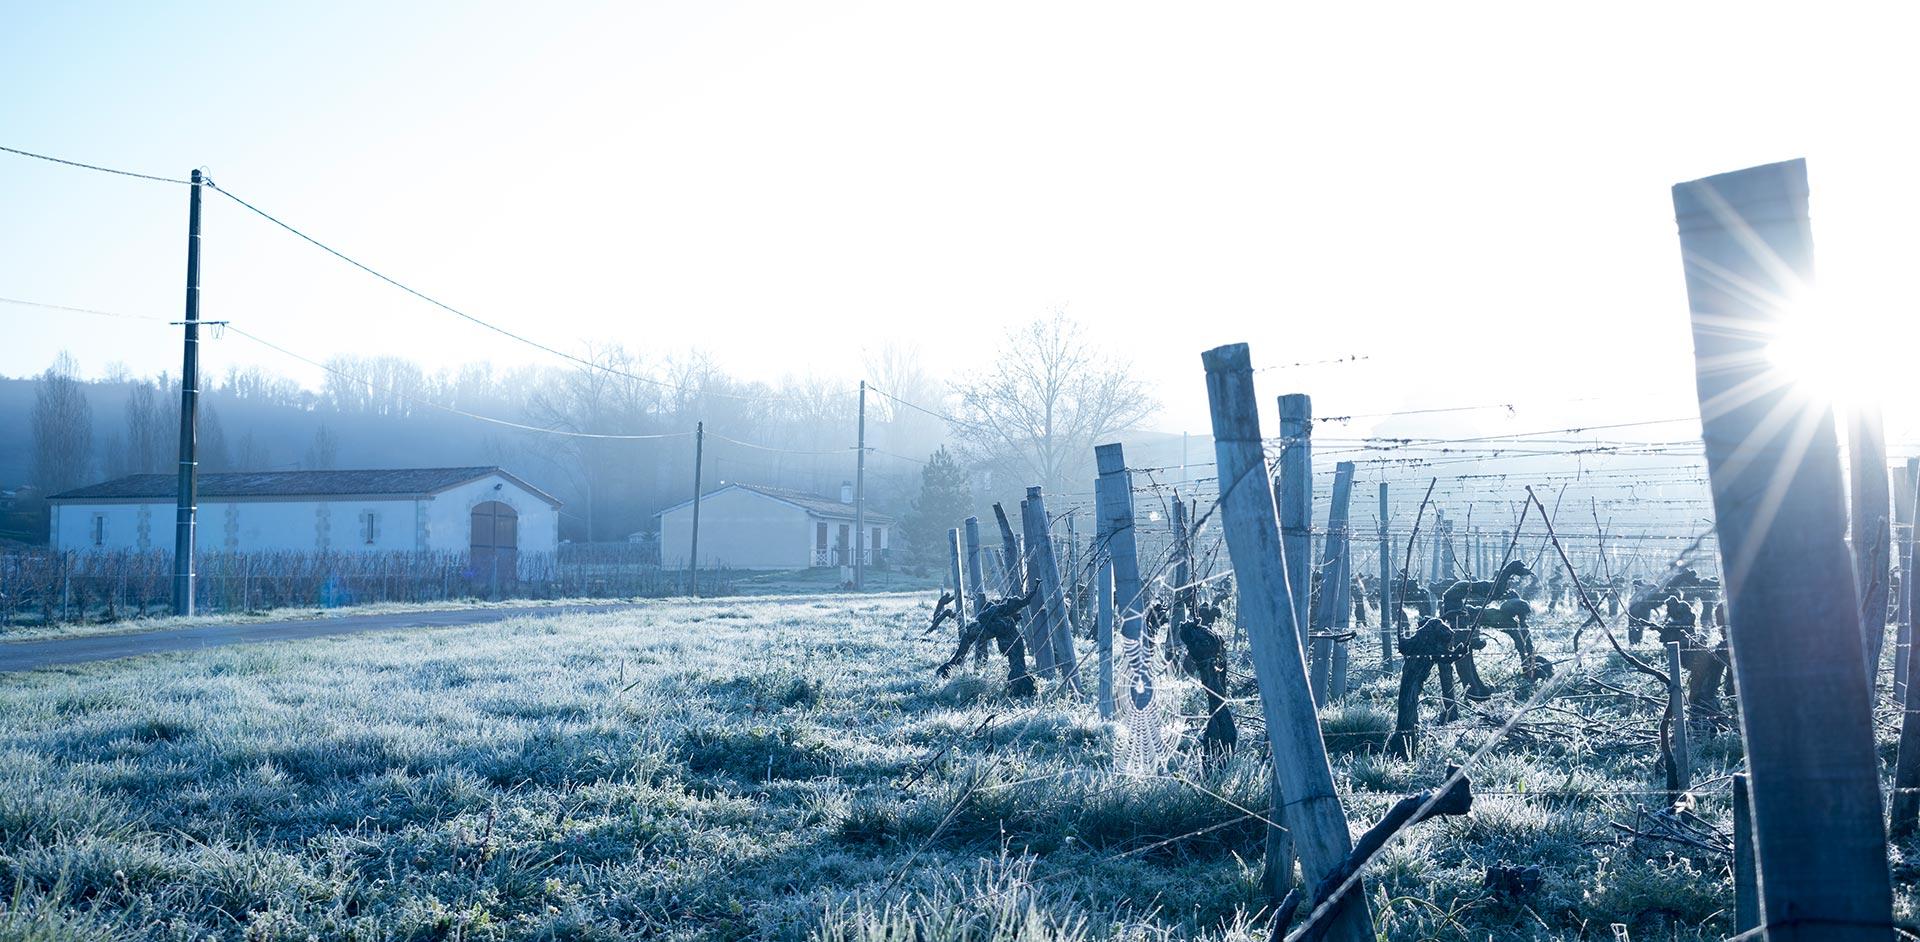 Château Verniotte in Winter